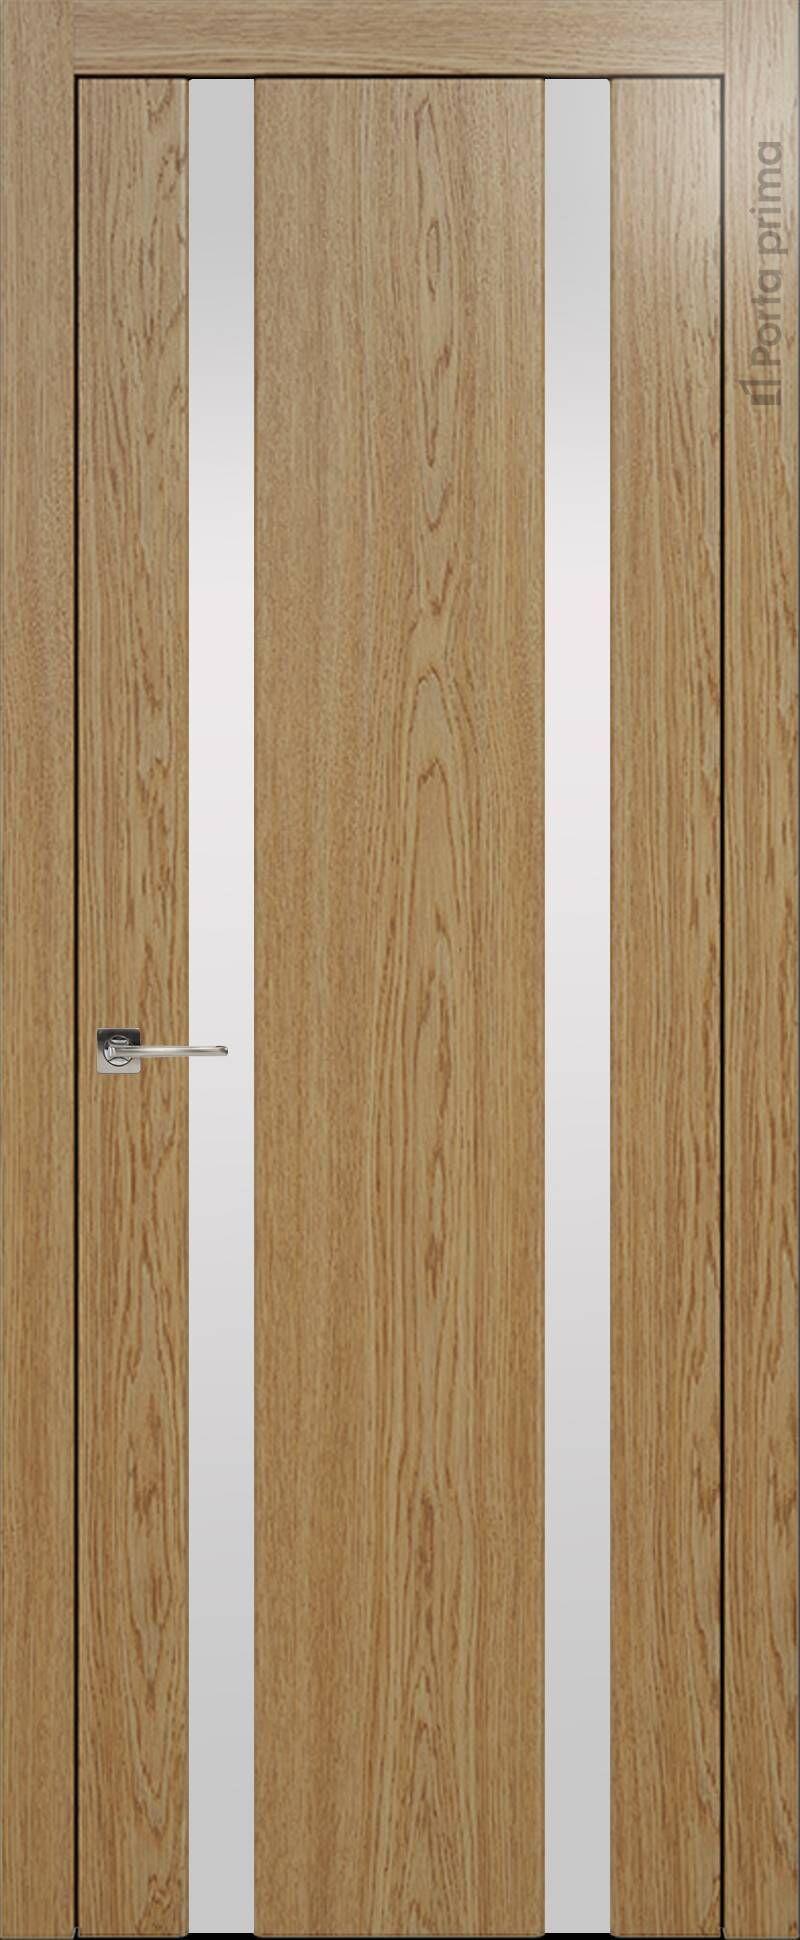 Torino цвет - Дуб карамель Без стекла (ДГ-2)